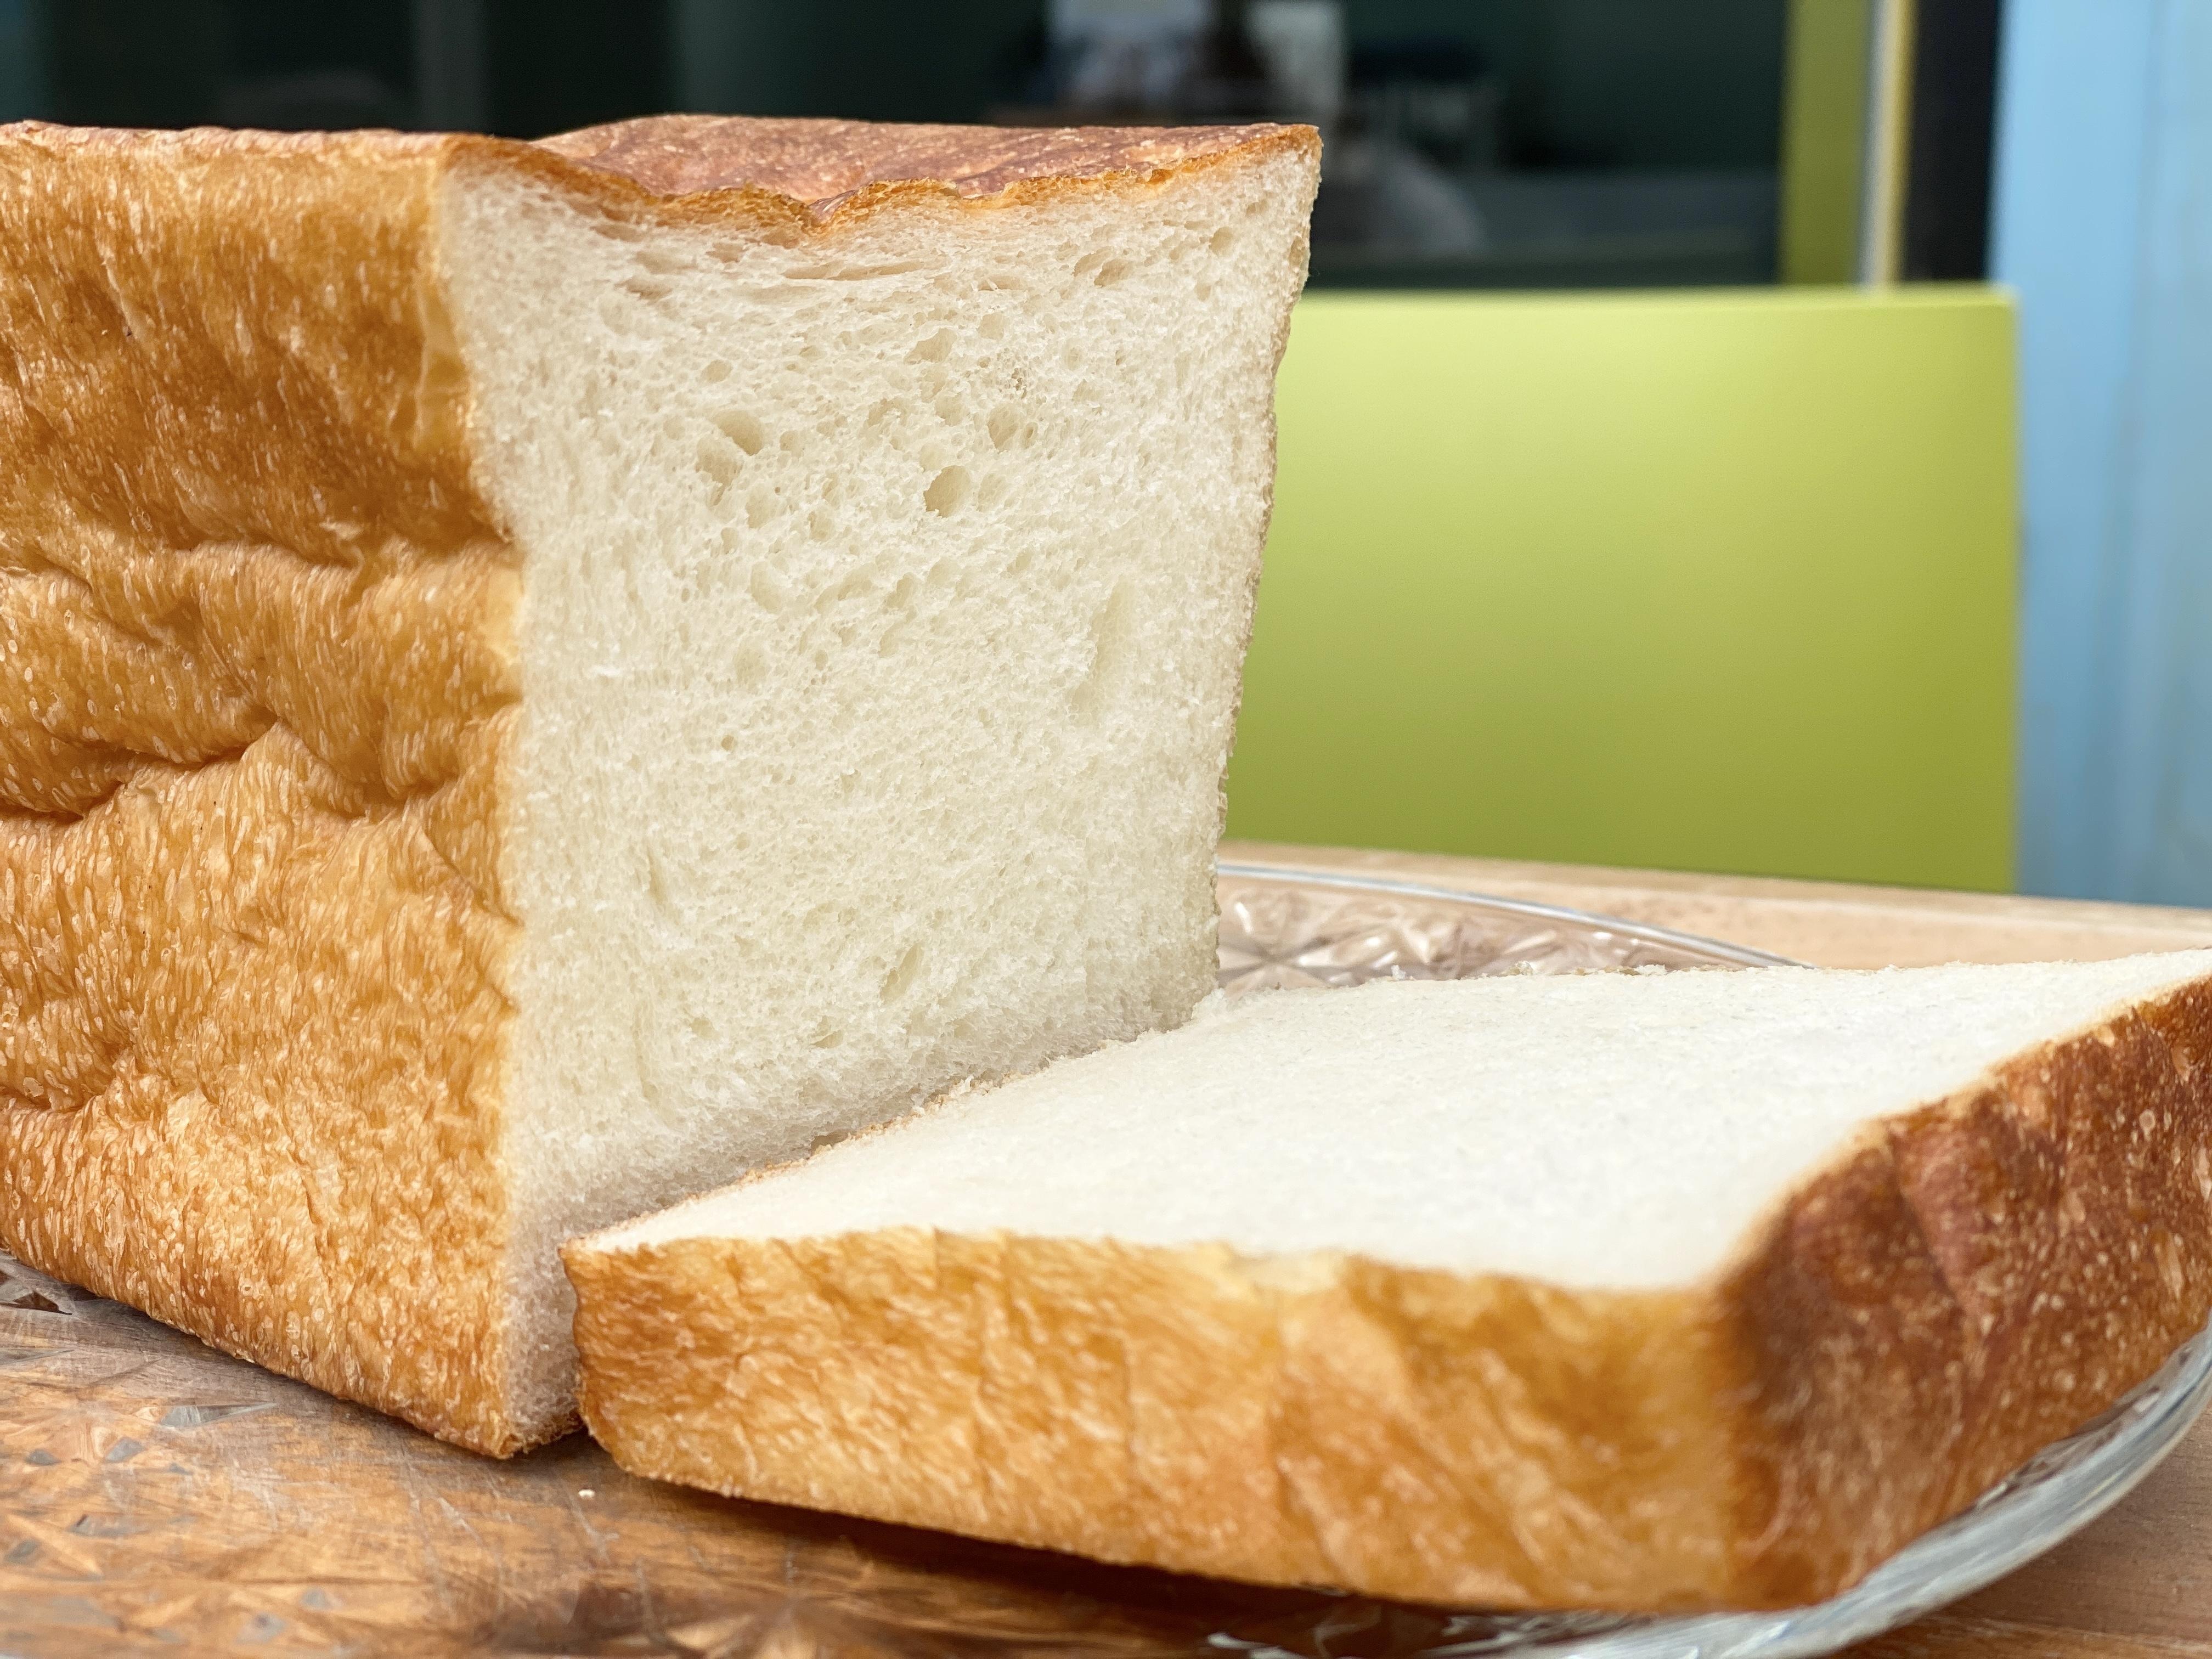 プレーン・デニッシュ食パン各1個